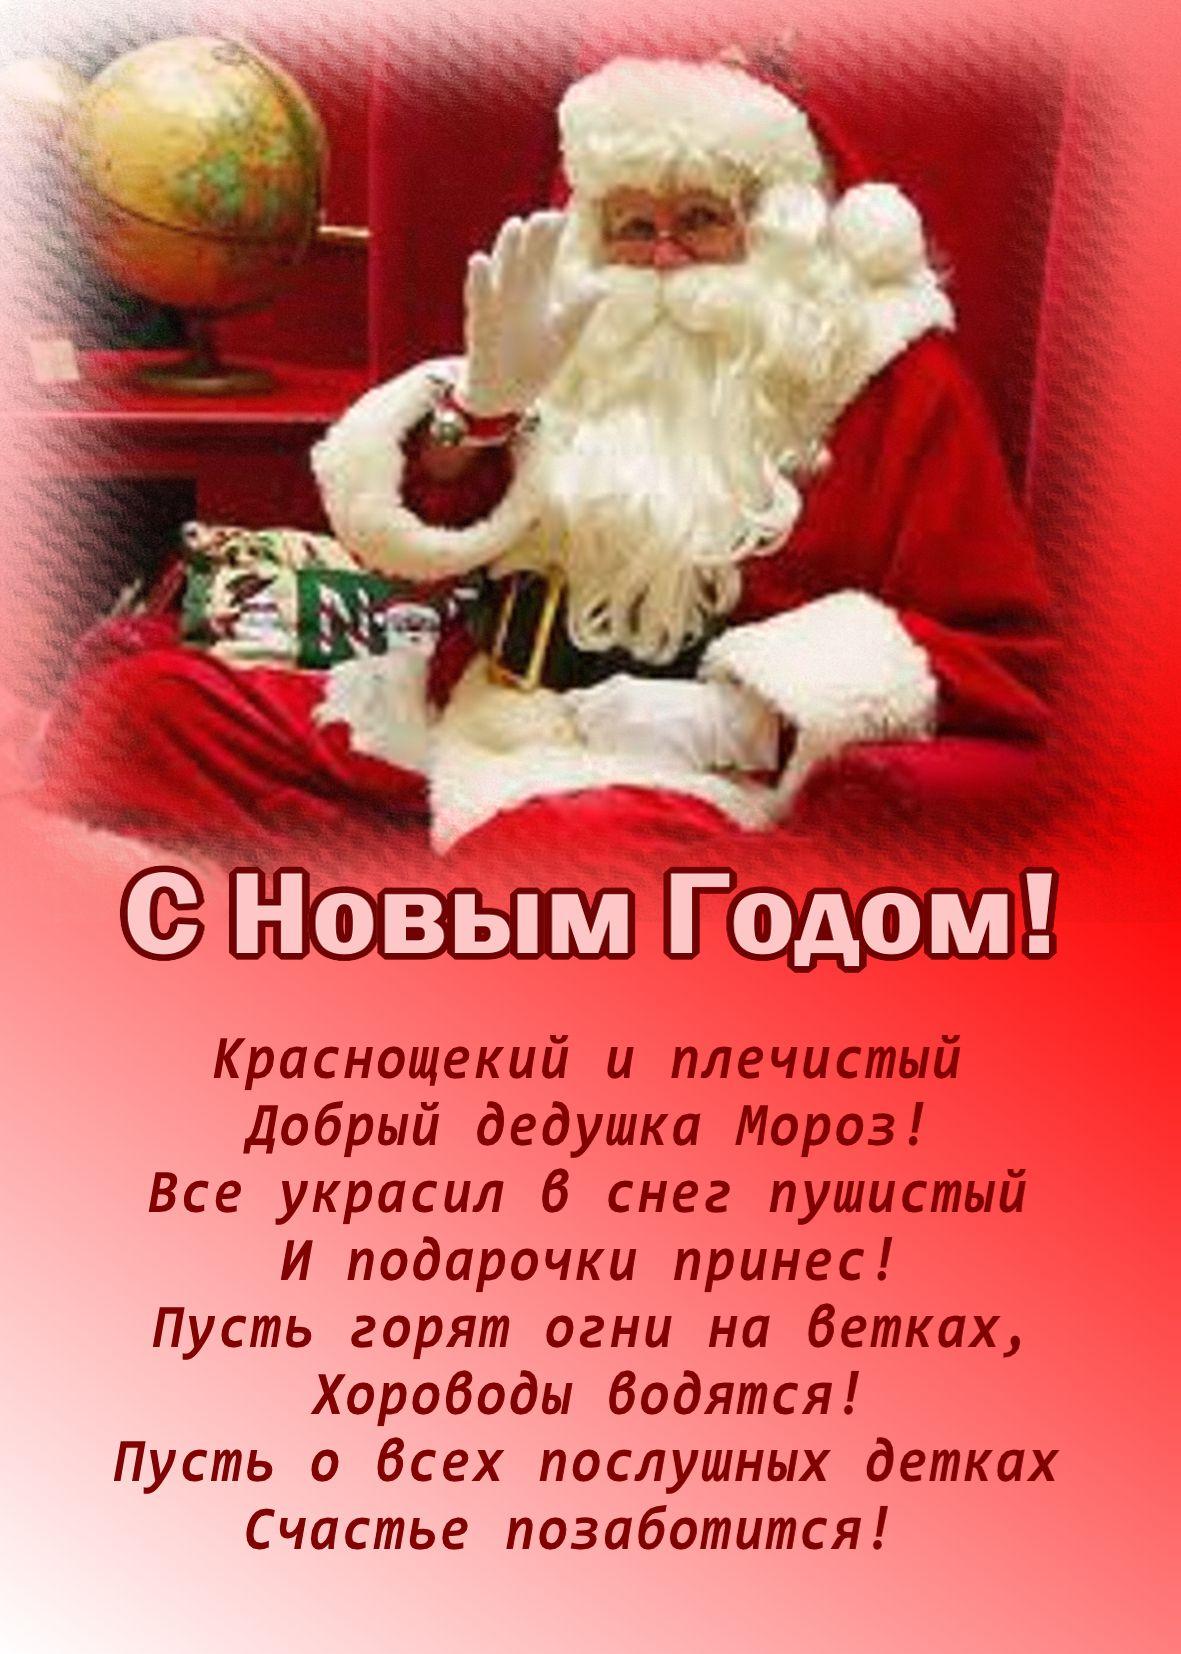 Поздравления в стихах от деда мороза для детей